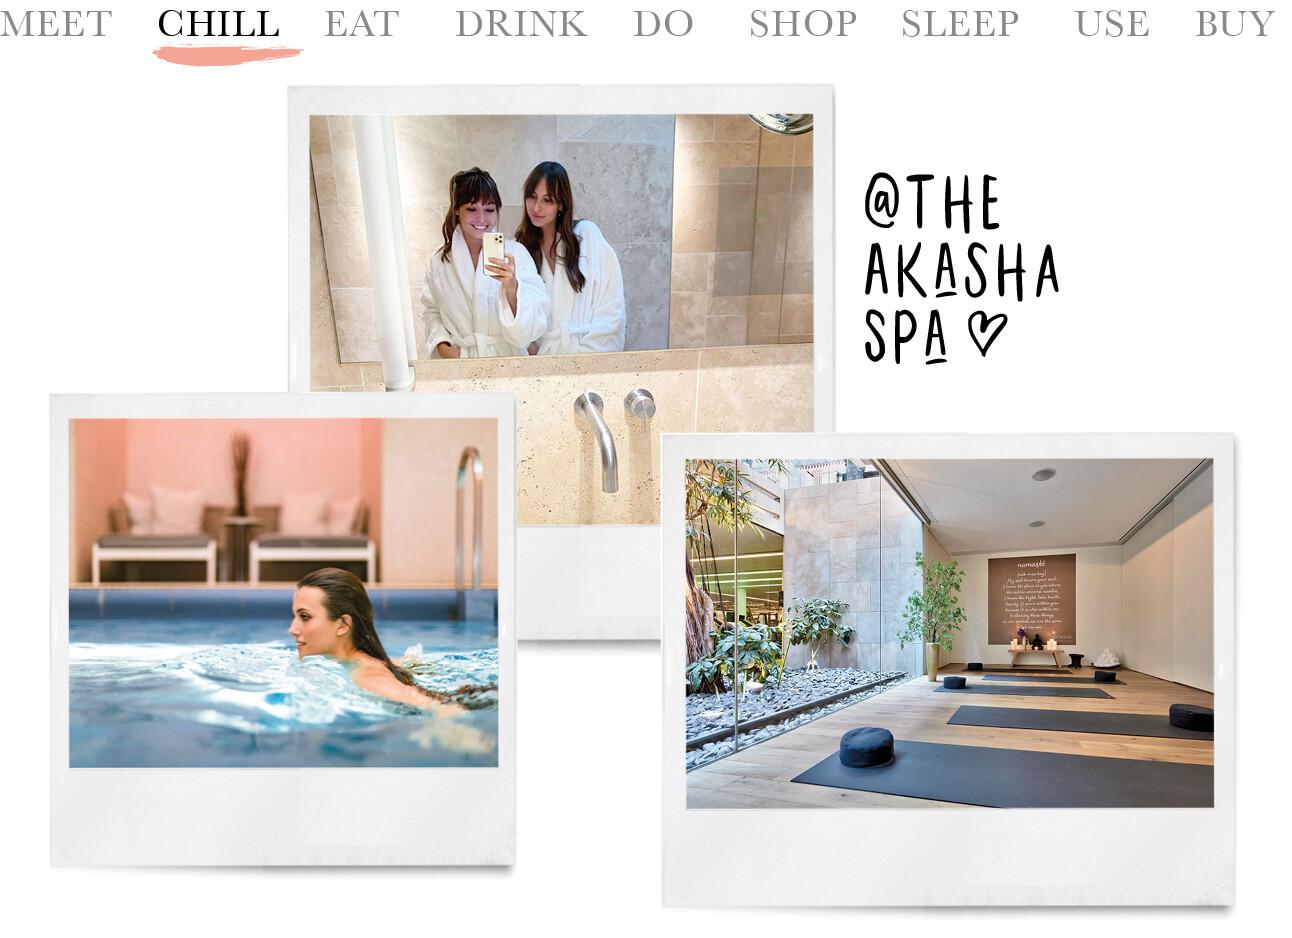 chill at the Akasha Spa